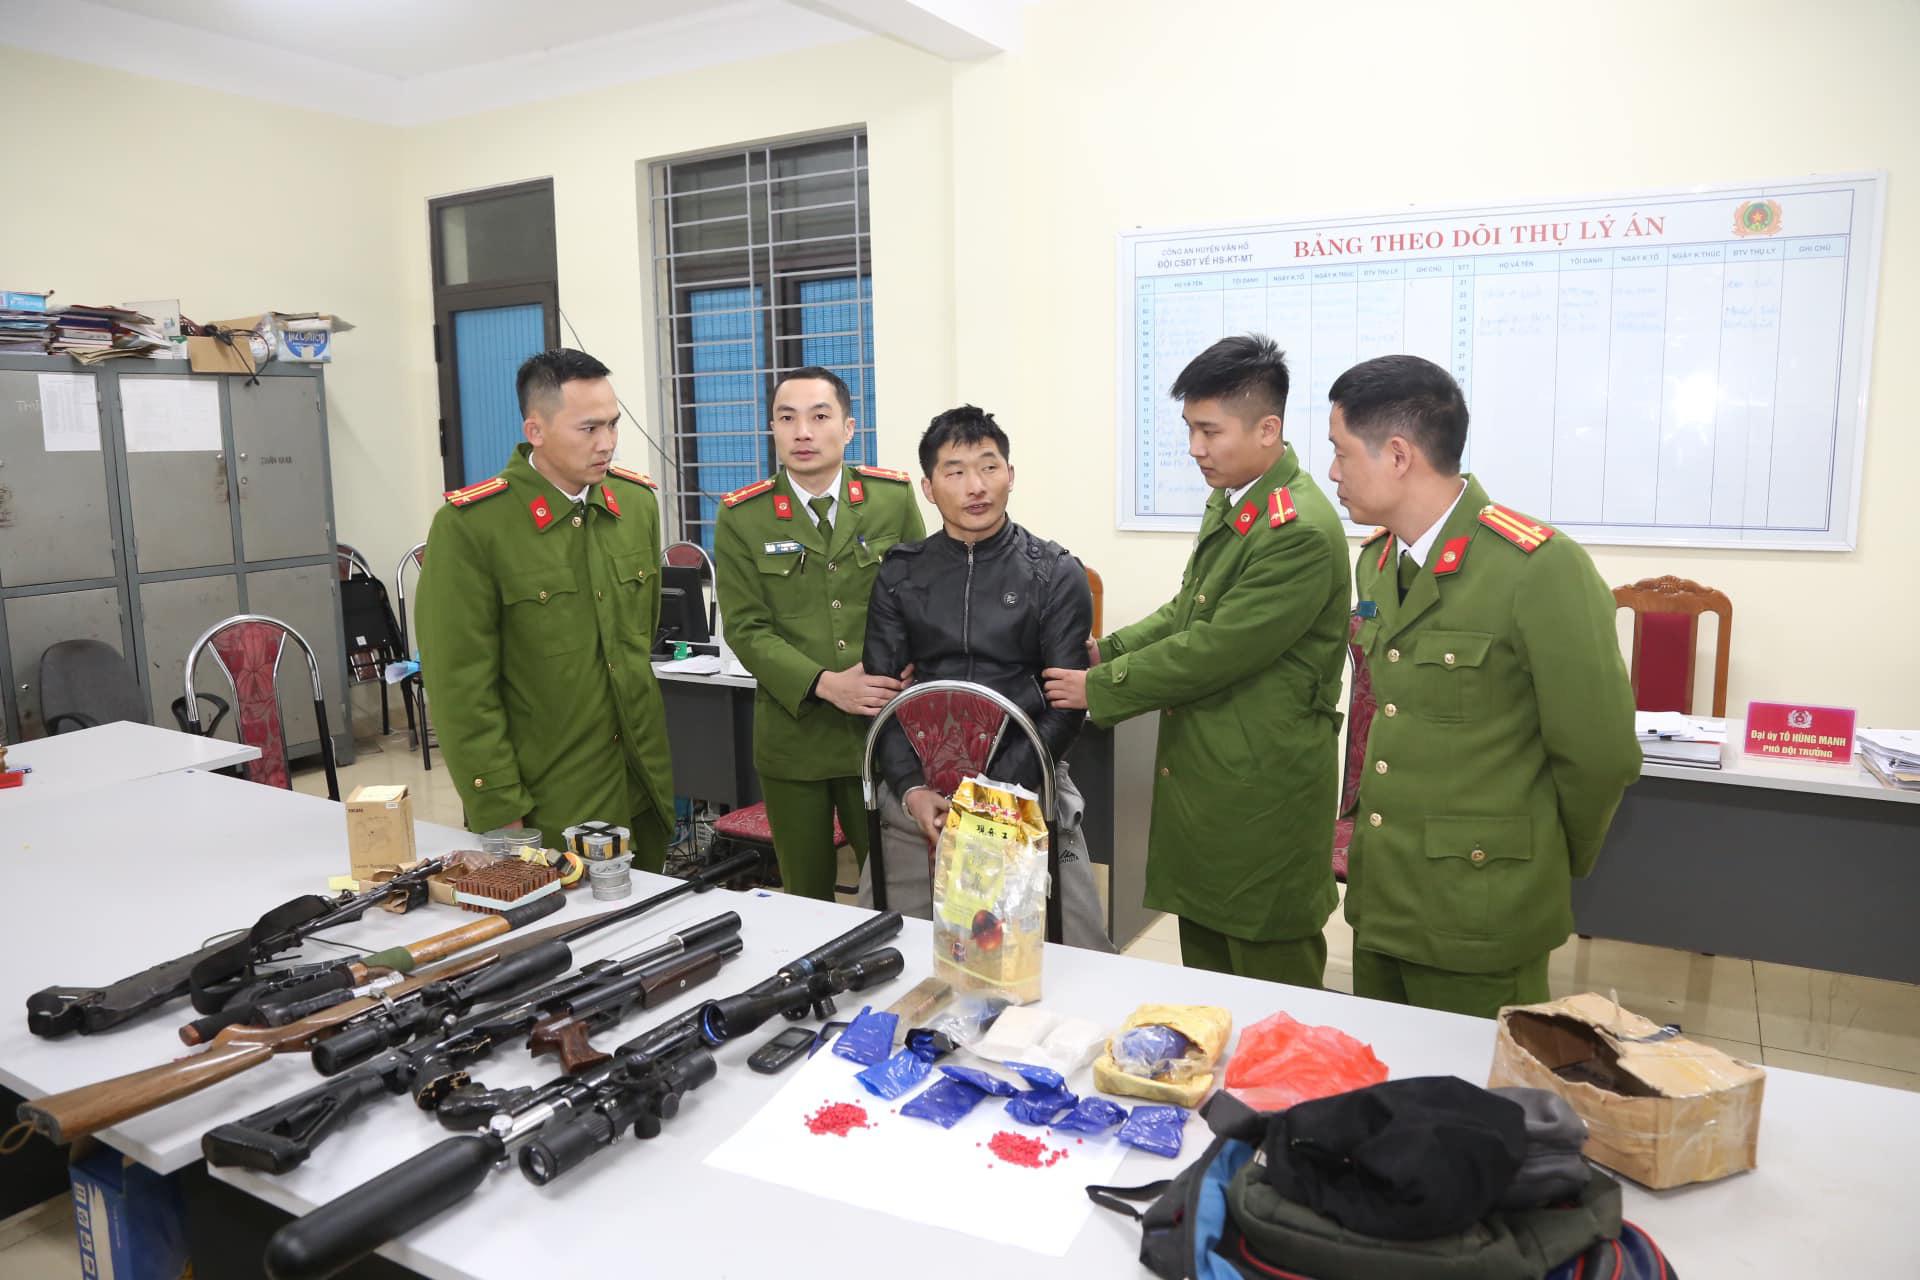 Công an Sơn La tóm gọn đối tượng nổ 5 phát súng, tàng trữ trái phép chất ma túy  - Ảnh 2.